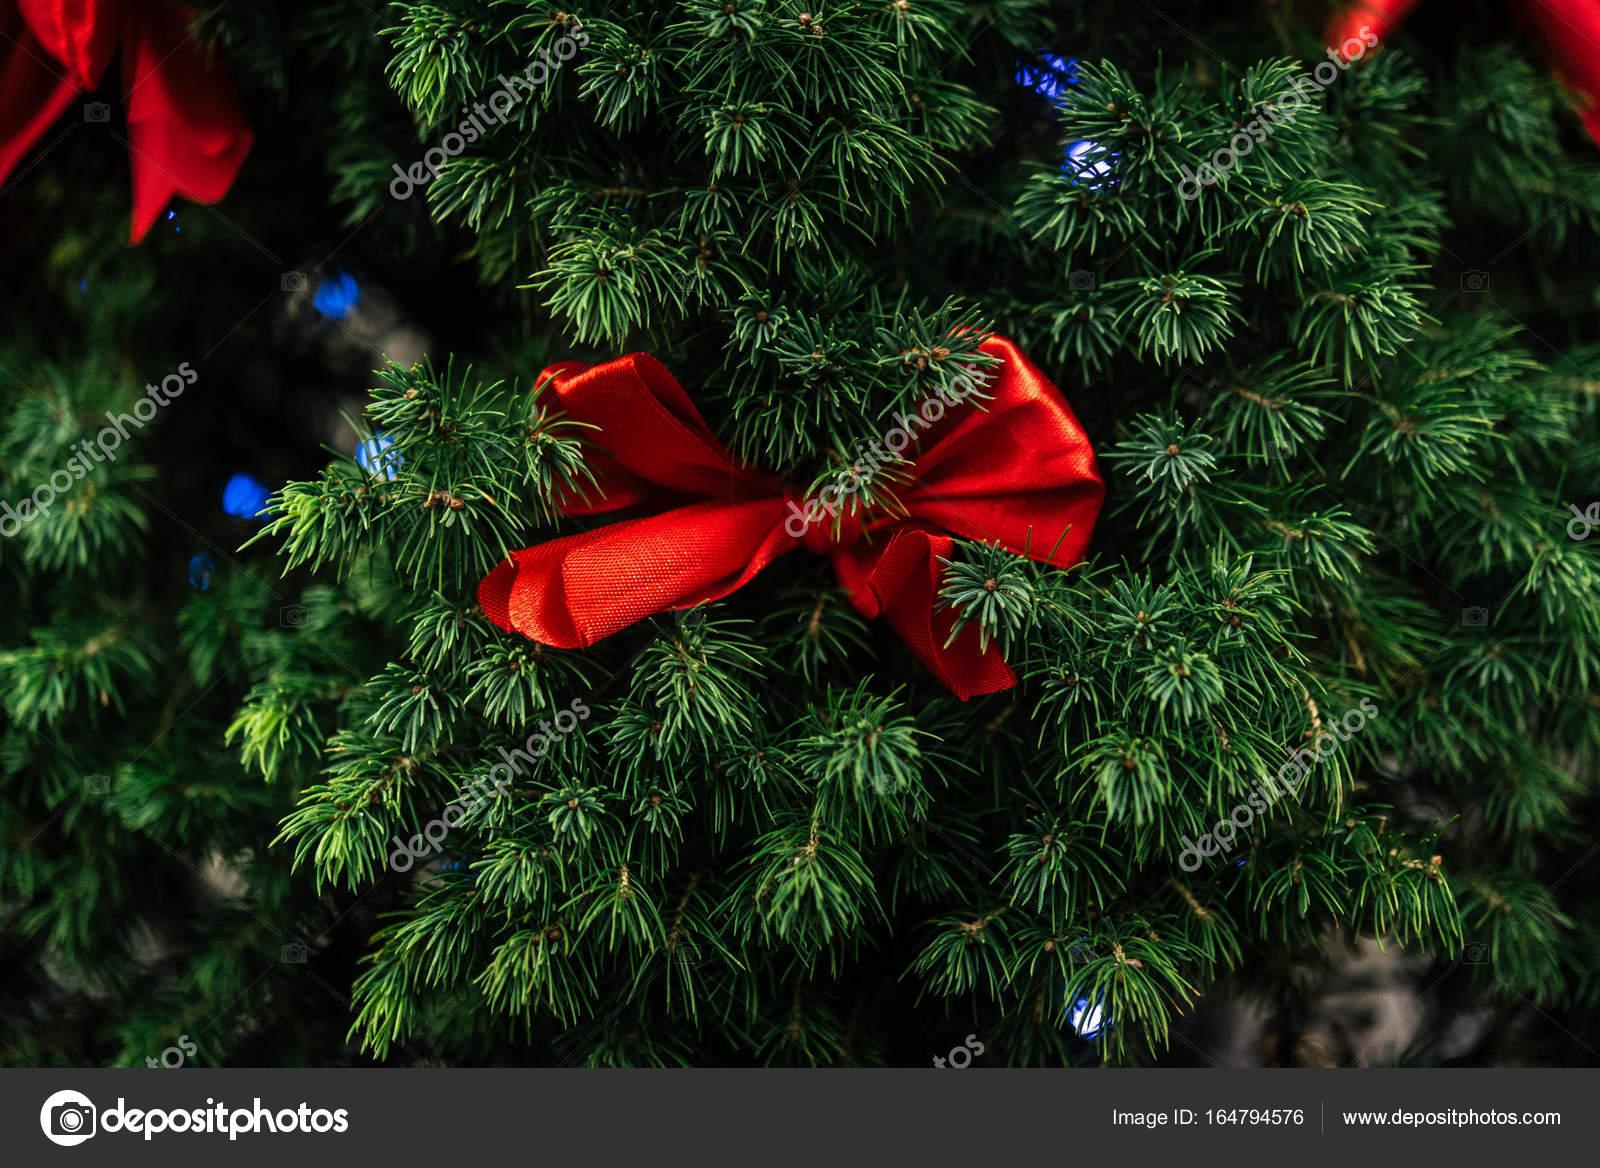 Schleifen Weihnachtsbaum.Rote Schleifen Am Weihnachtsbaum Stockfoto Sonyachny 164794576